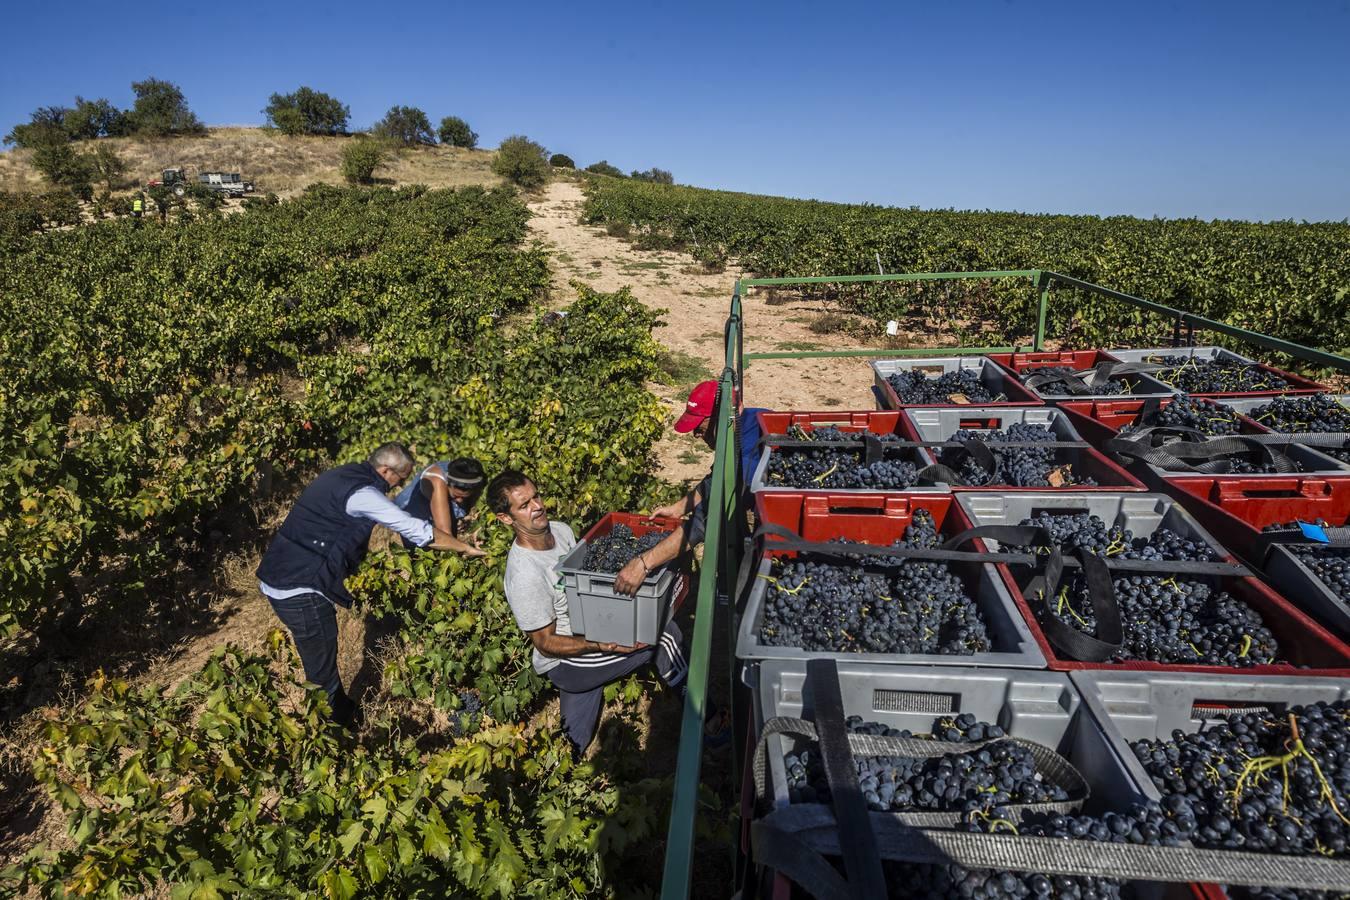 La vendimia se generaliza con 215 millones de kilos de uva ya en las bodegas